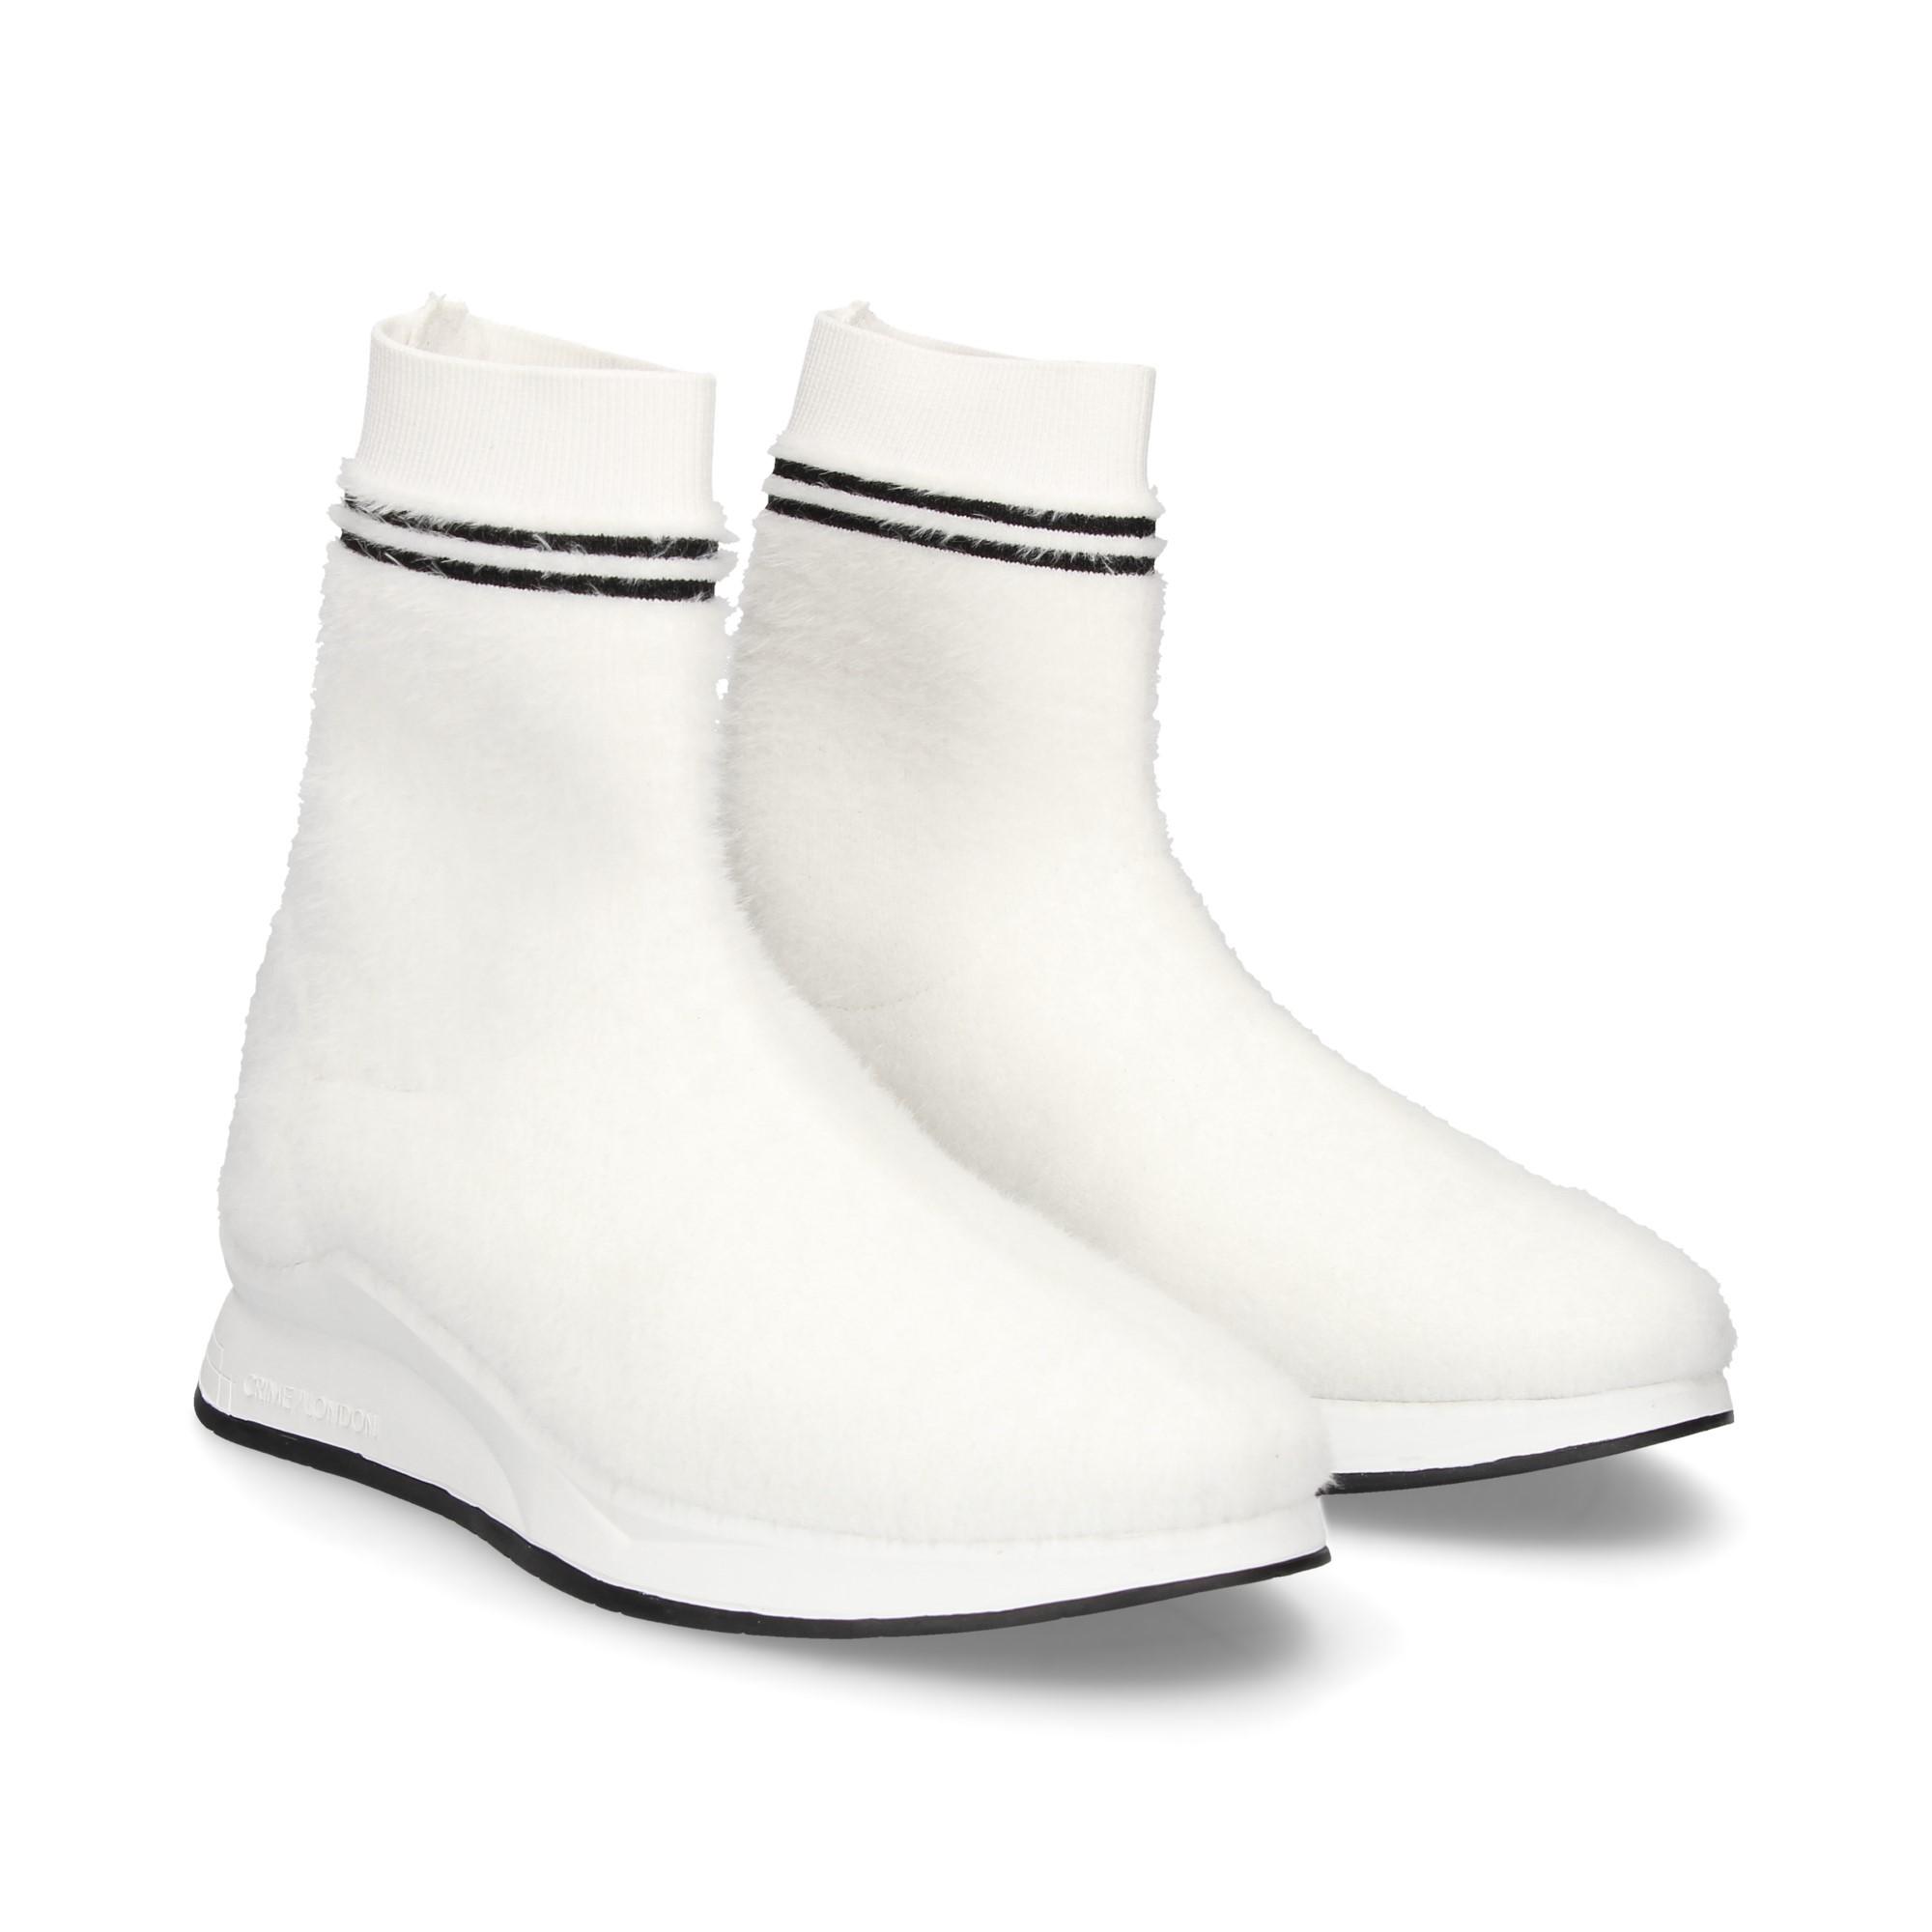 botin-deportivo-calcetin-pelo-blanco